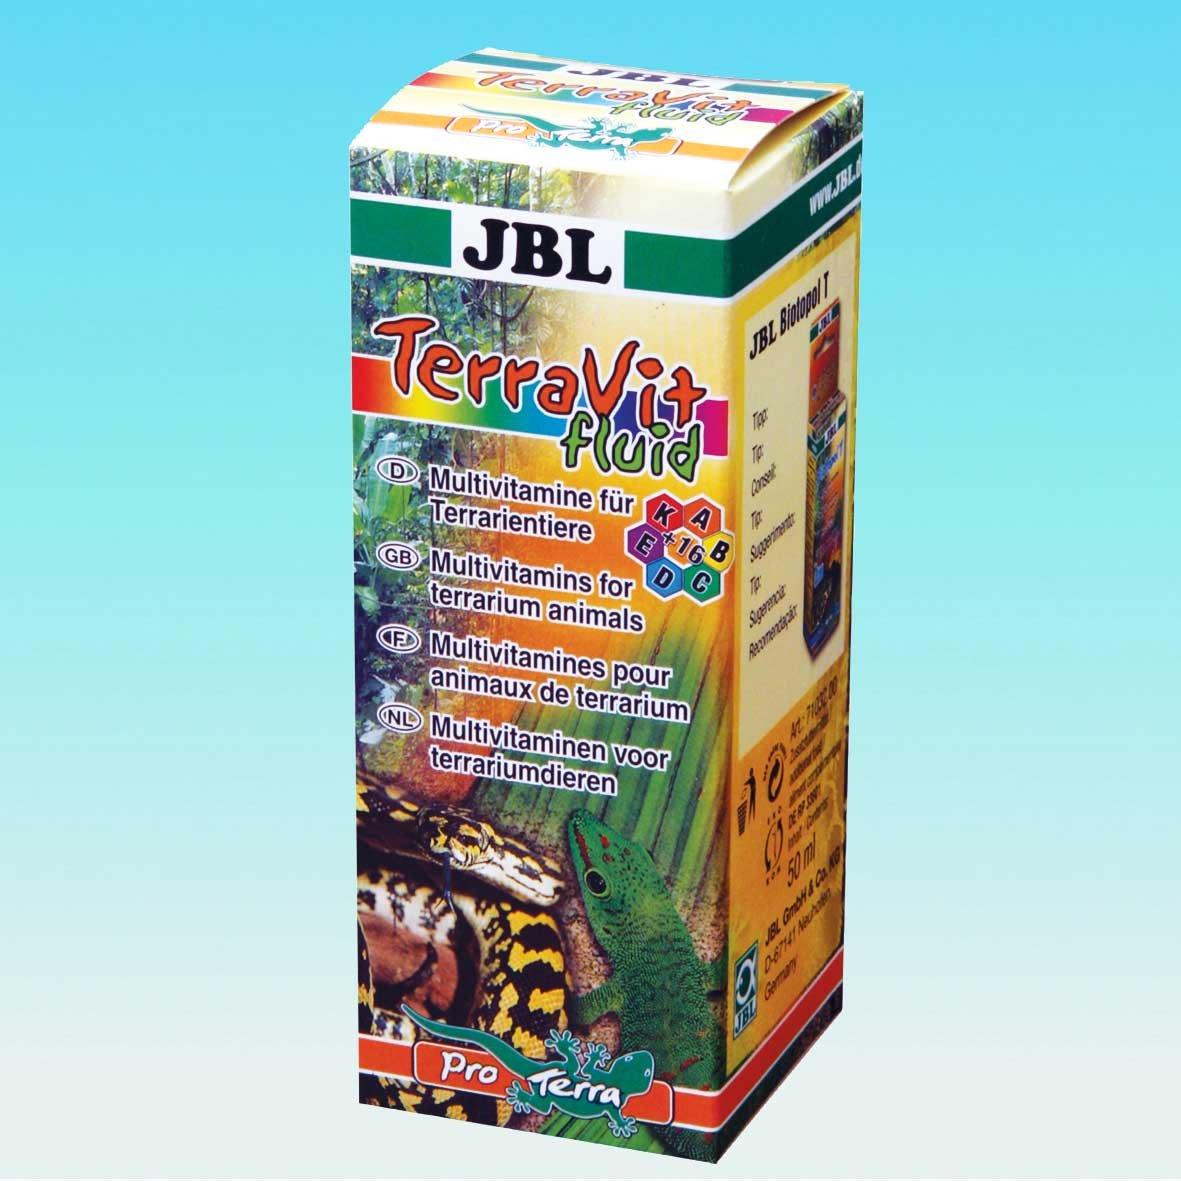 Jbl - Jbl TerraVit fluid